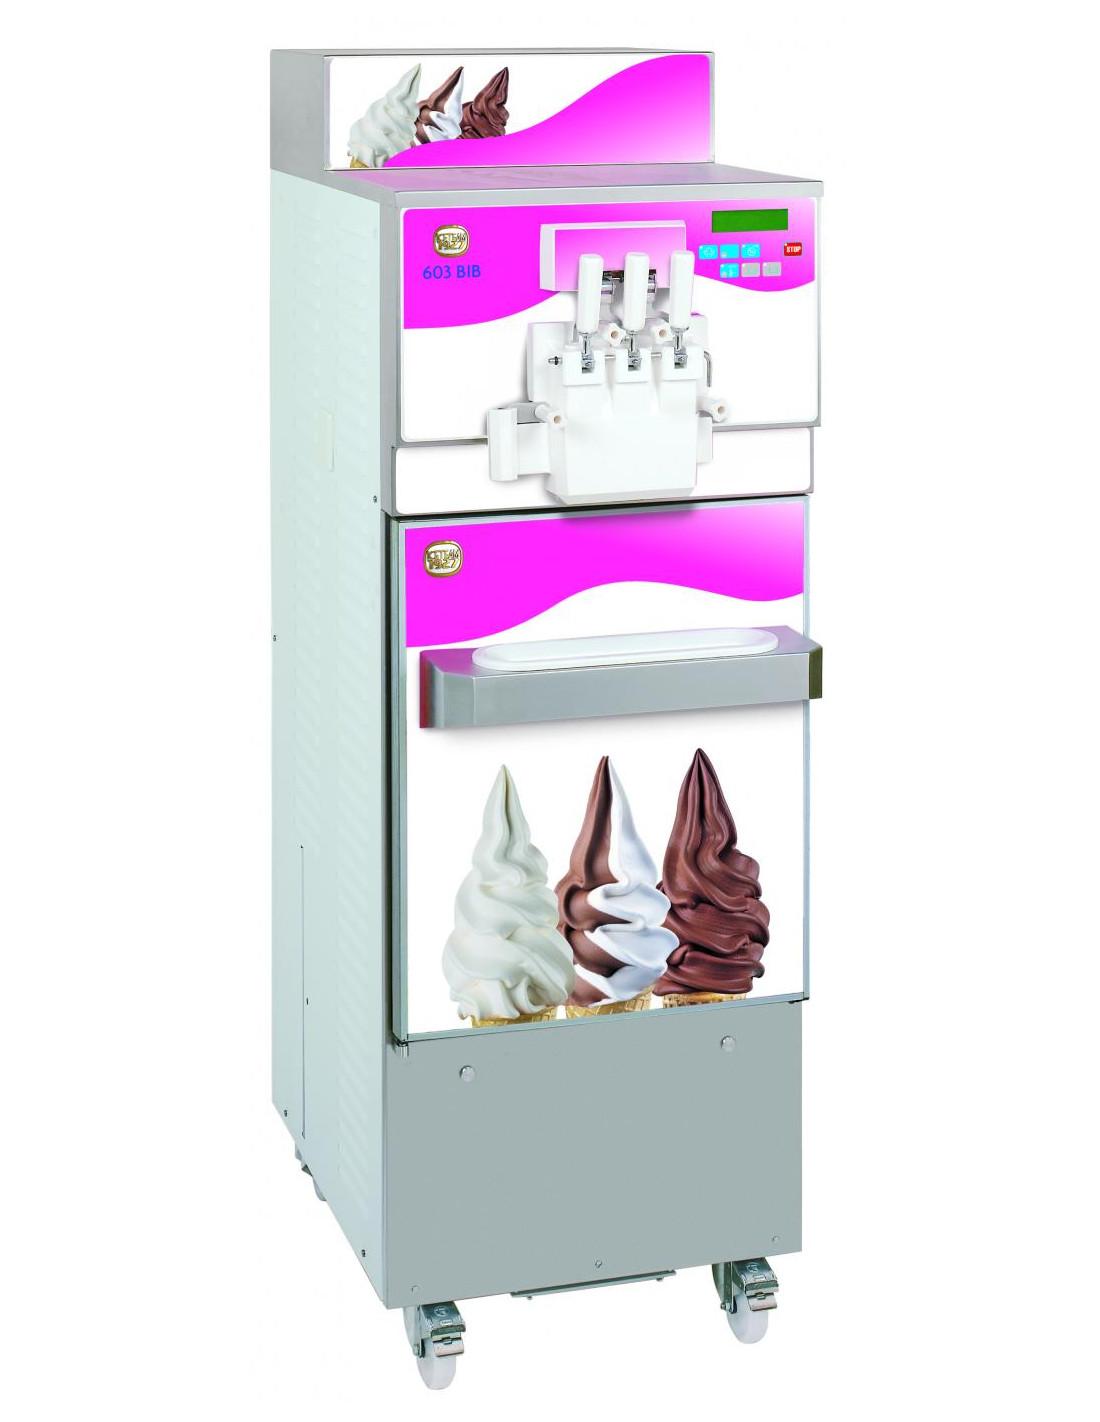 Buy Iceteam 603 BIB Soft Ice Cream Machine in